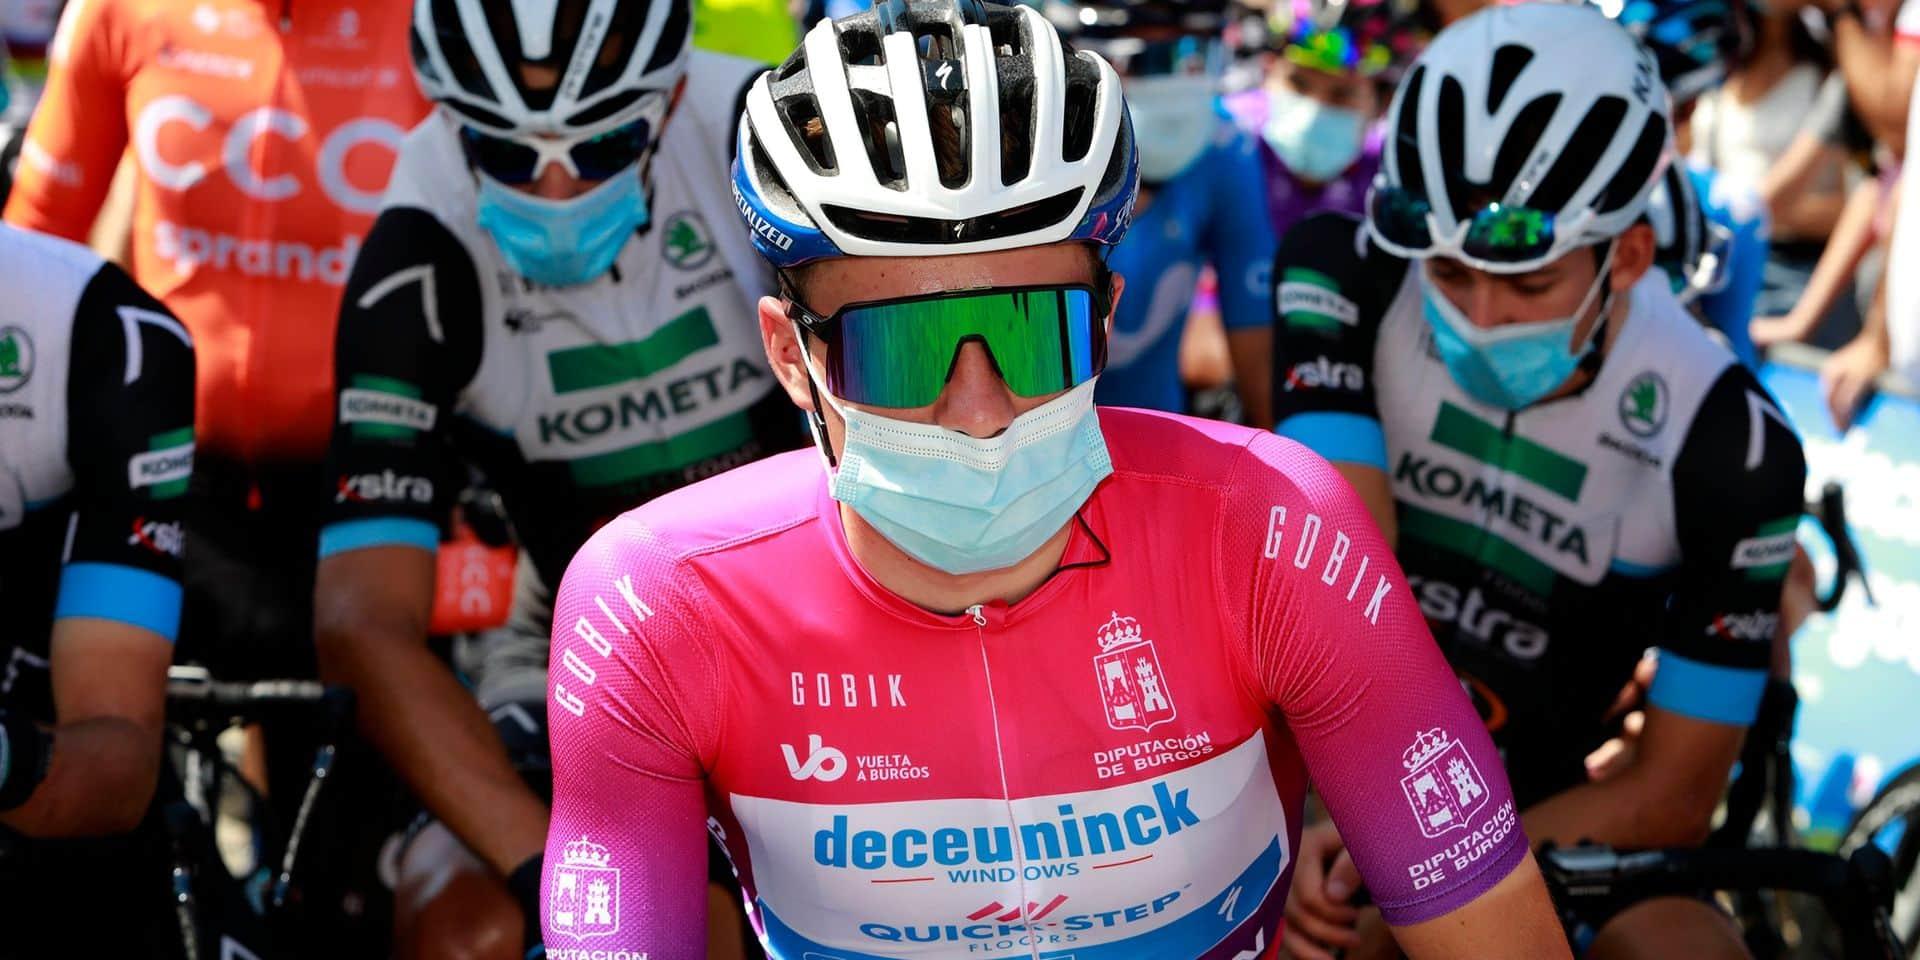 """Tour d'Italie: Evenepoel veut voir """"comment son corps réagira"""" durant le Giro, où il effectue son retour"""